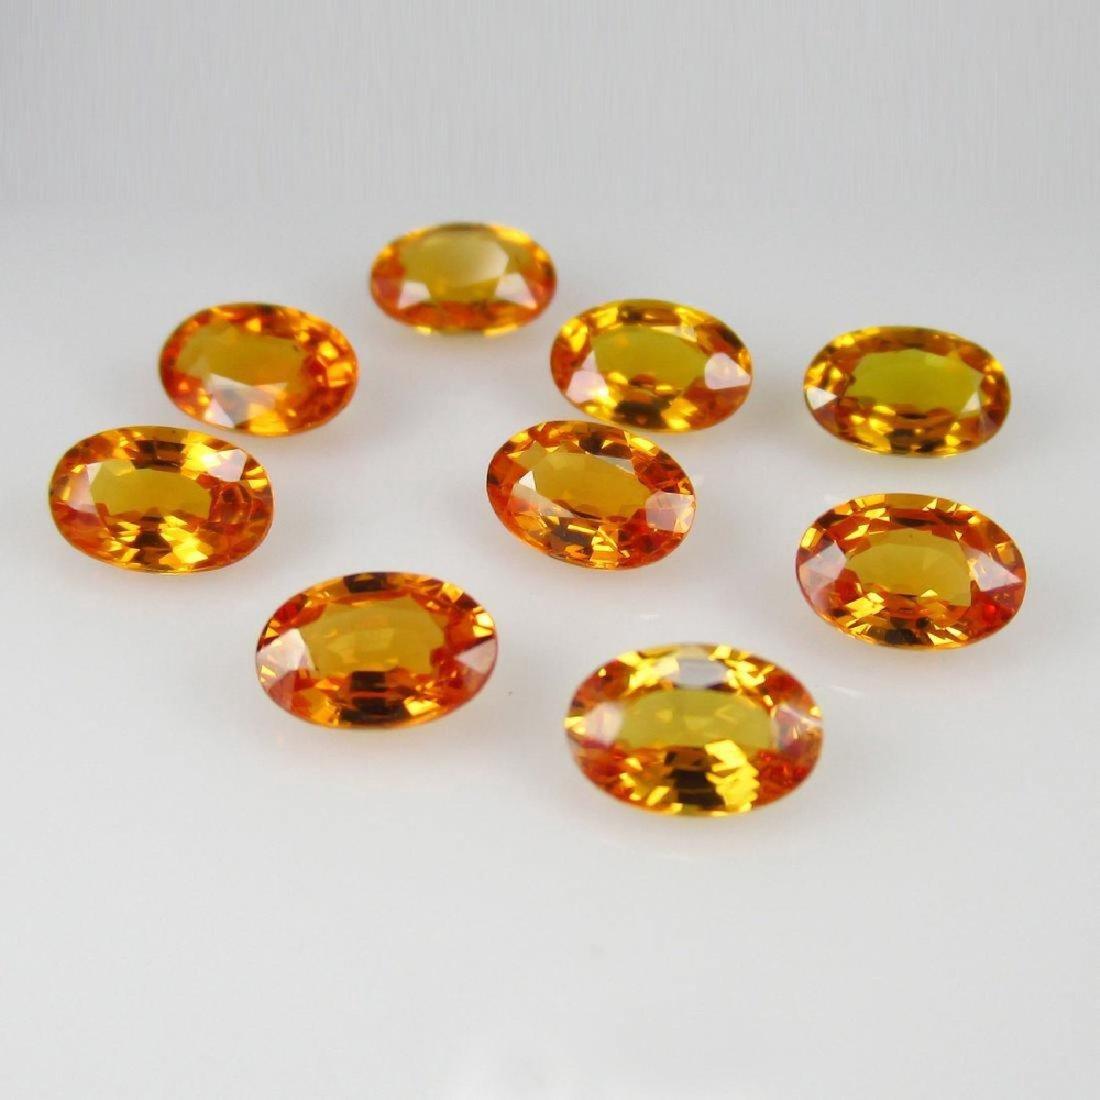 5.17 Carat Loose Orange Sapphire Necklace Set - 3